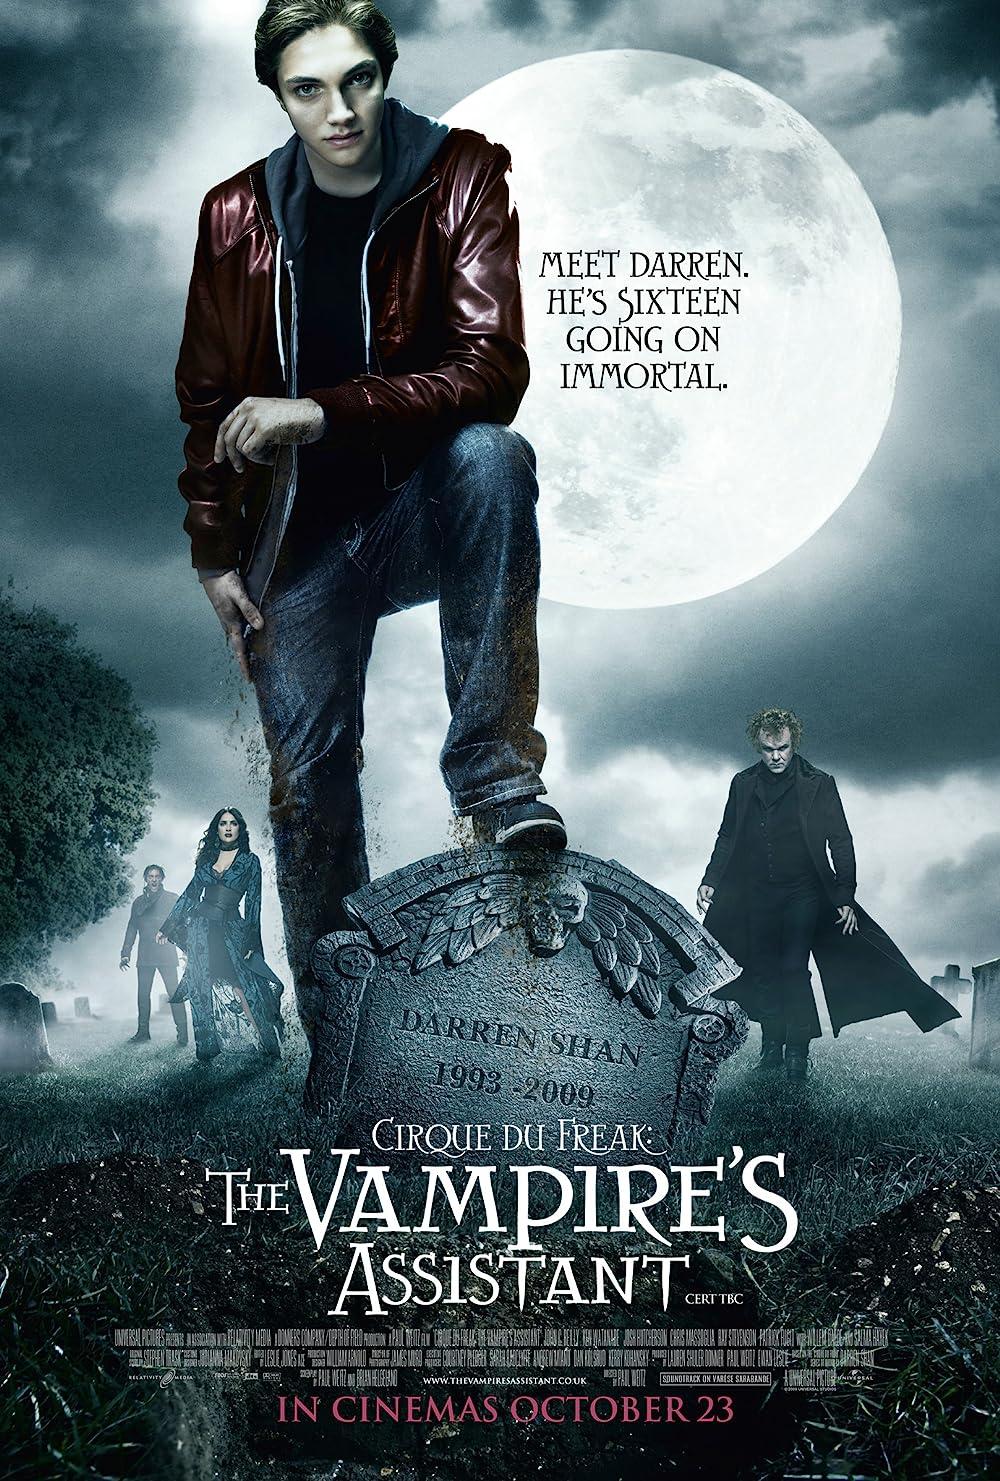 The Vampire's Assistant (2009) Hindi Dual Audio 720p | 480p BRip x264 Esub